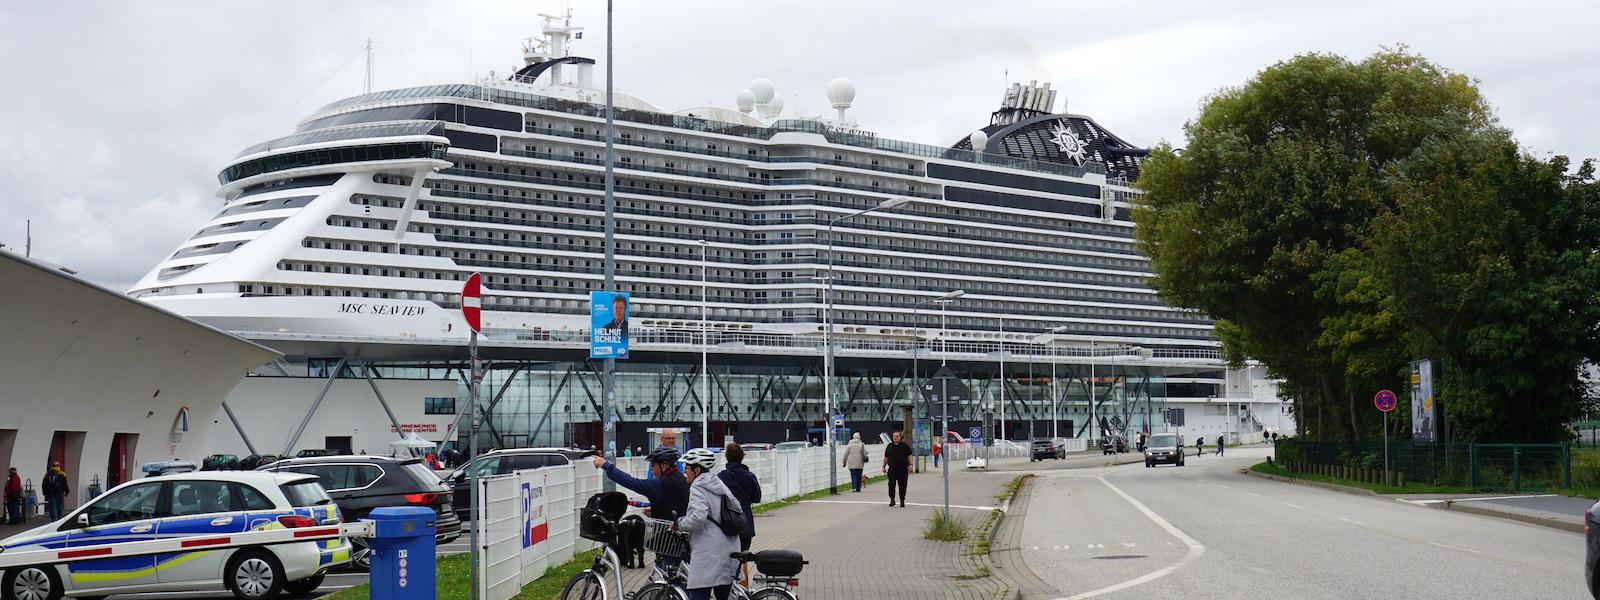 Die MSC Seaview im Hafen von Warnemünde